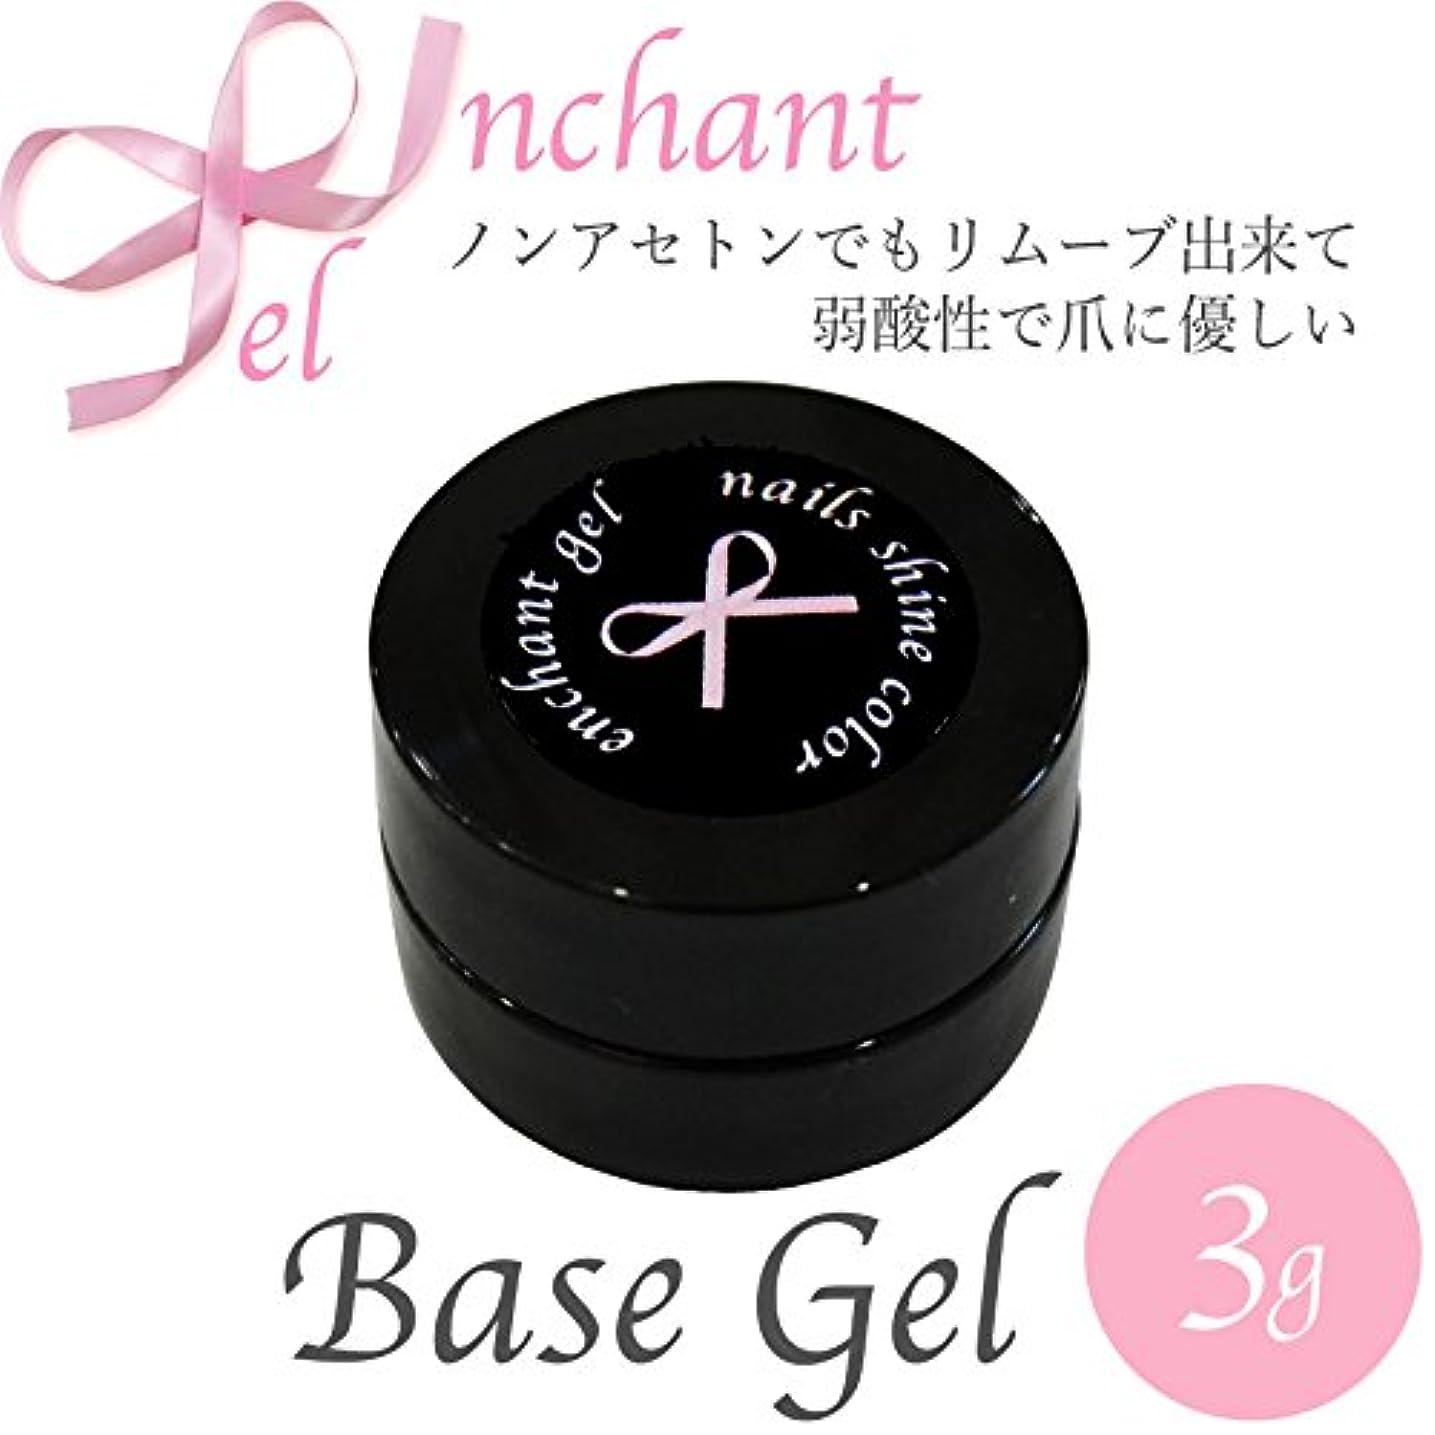 科学者野な標準enchant gel clear base gel 3g/エンチャントジェル クリアーベースジェル 3グラム